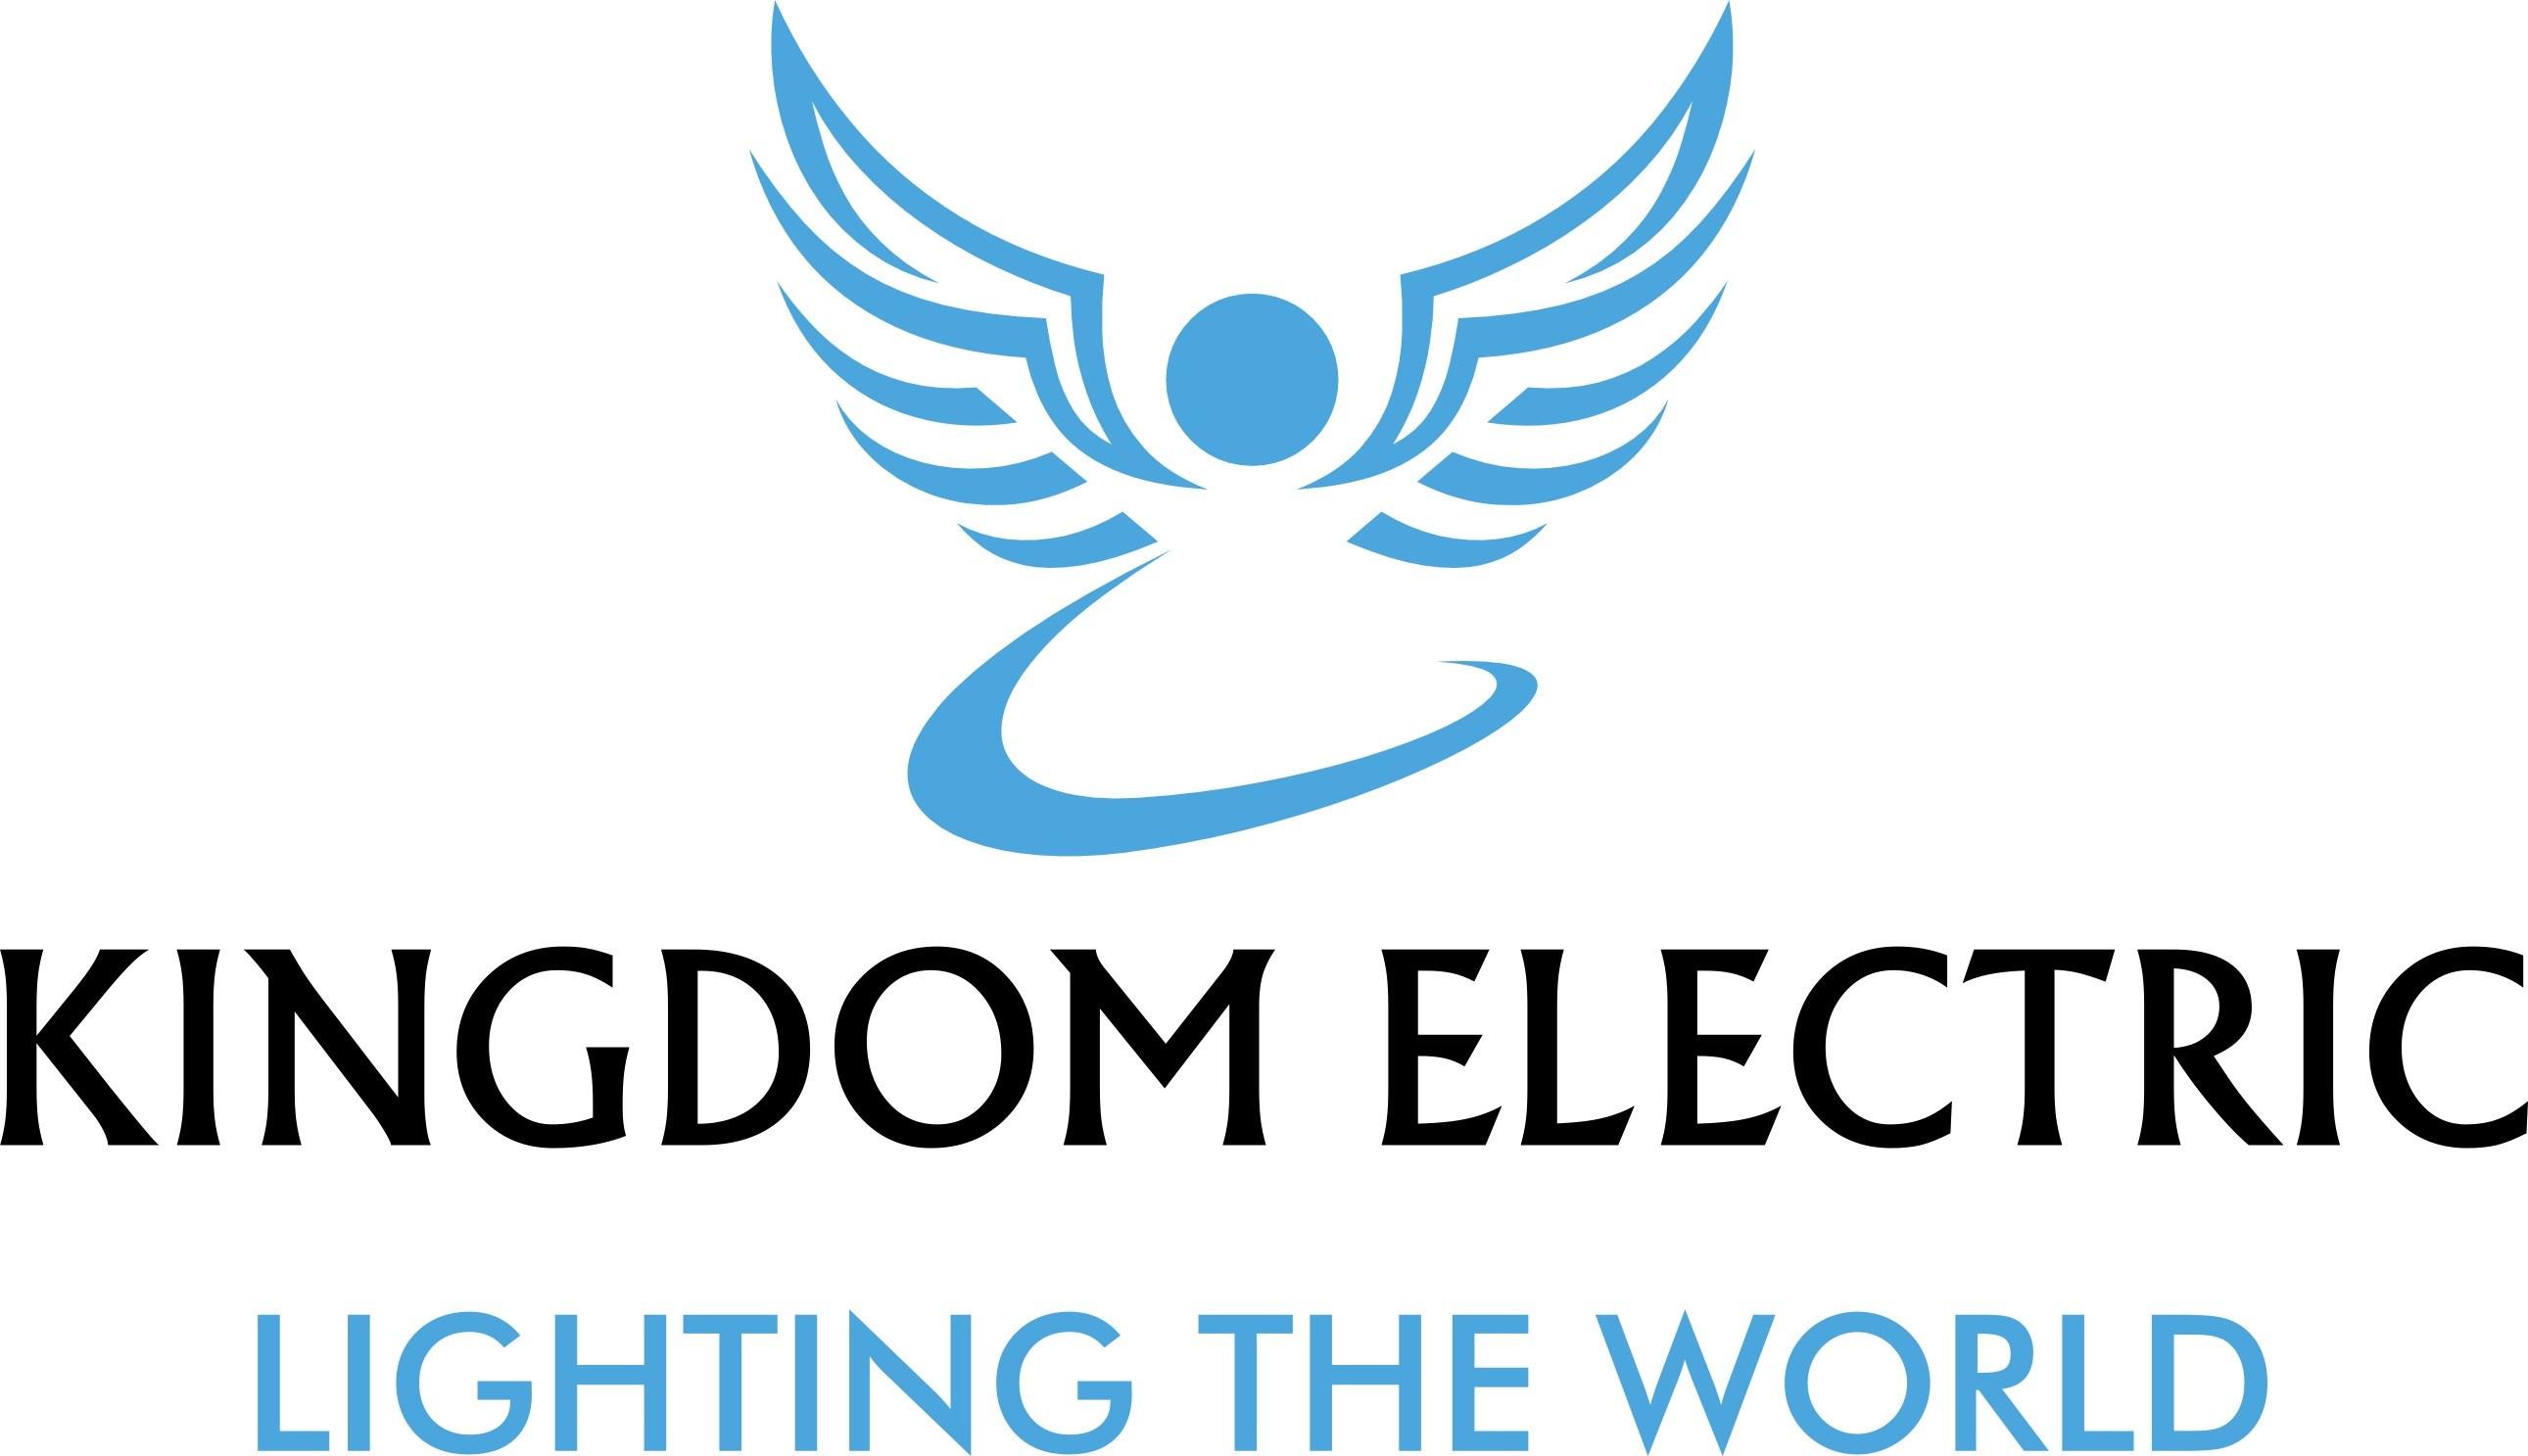 Kingdom Electric logo